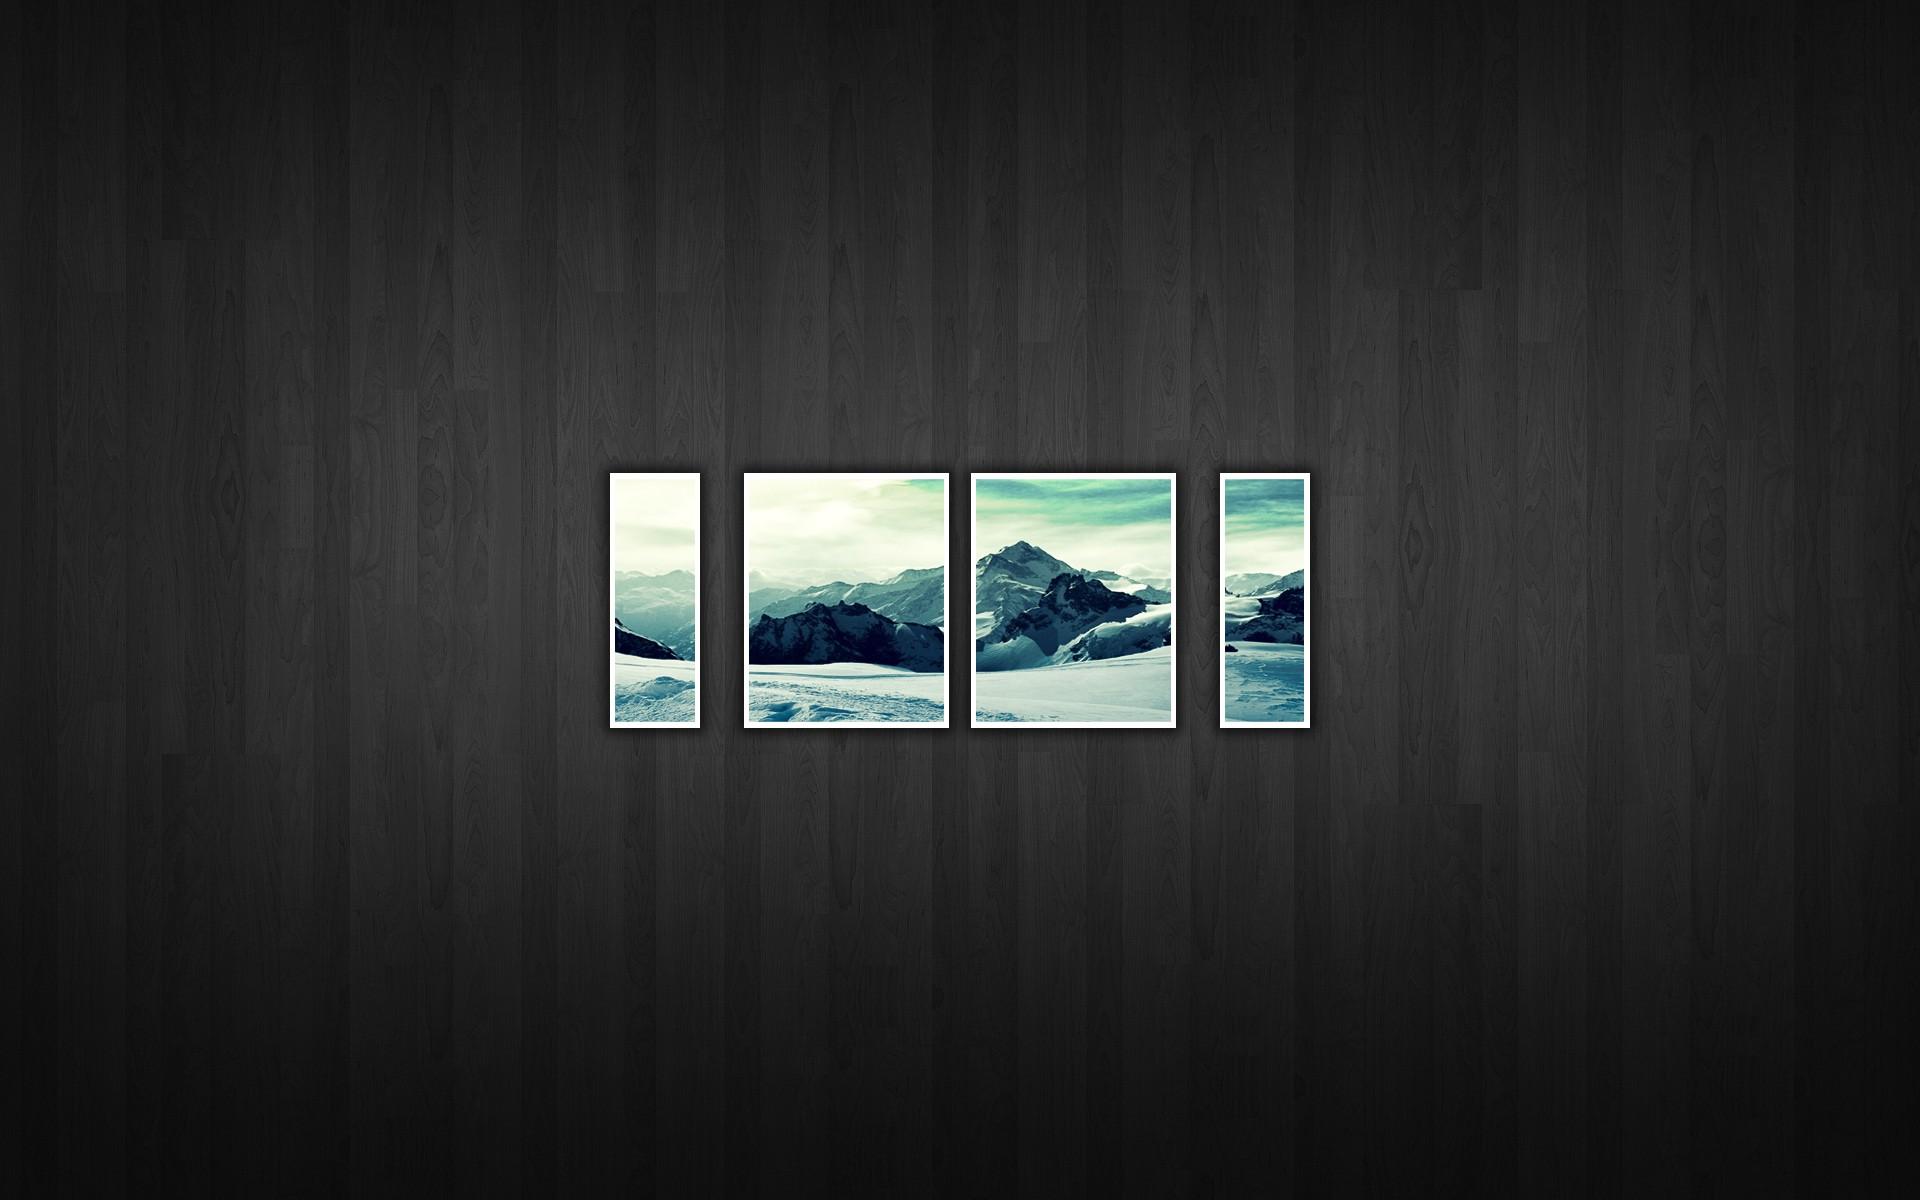 mountains landscapes frames snow landscapes wooden floor